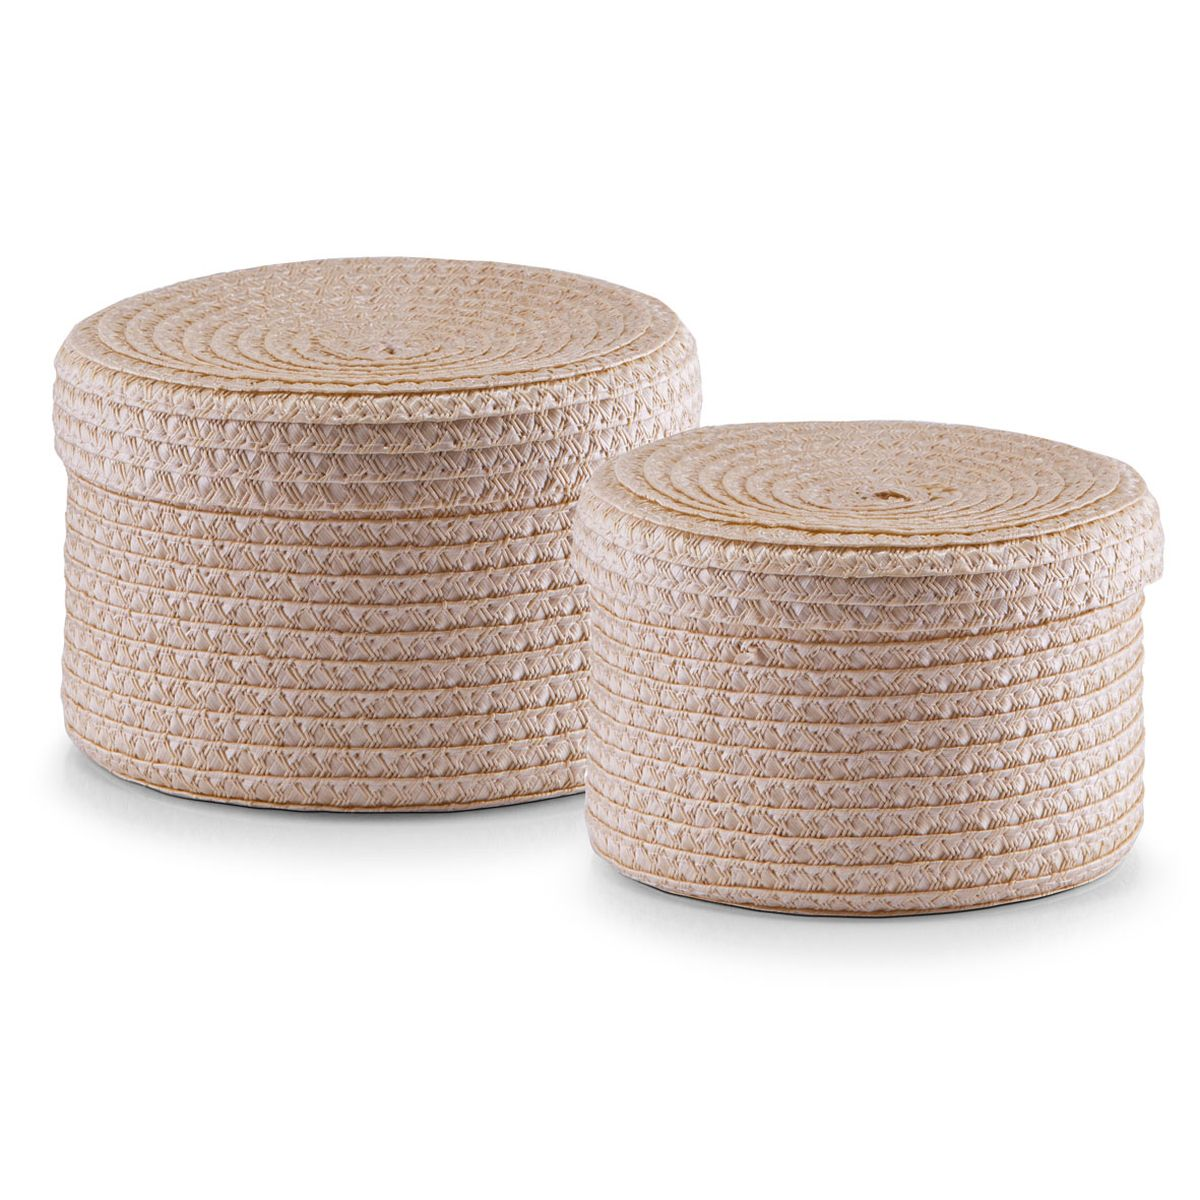 Набор корзин Zeller с крышками, цвет: бежевый, 2 штCLP446Набор Zeller состоит из двух корзин разного размера. Корзинки изготовлены из текстиля и оснащены крышками. Изделия идеально подходят для упаковки подарков, цветочных композиций и подарочных наборов, для хранения различных вещей и аксессуаров. Так же они являются прекрасным декоративным элементом интерьера.Такие корзины будут создавать уют и комфорт в вашем доме и станут отличным подарком. Диаметр корзин: 16 см, 17 см. Высота корзин: 10 см, 12 см.